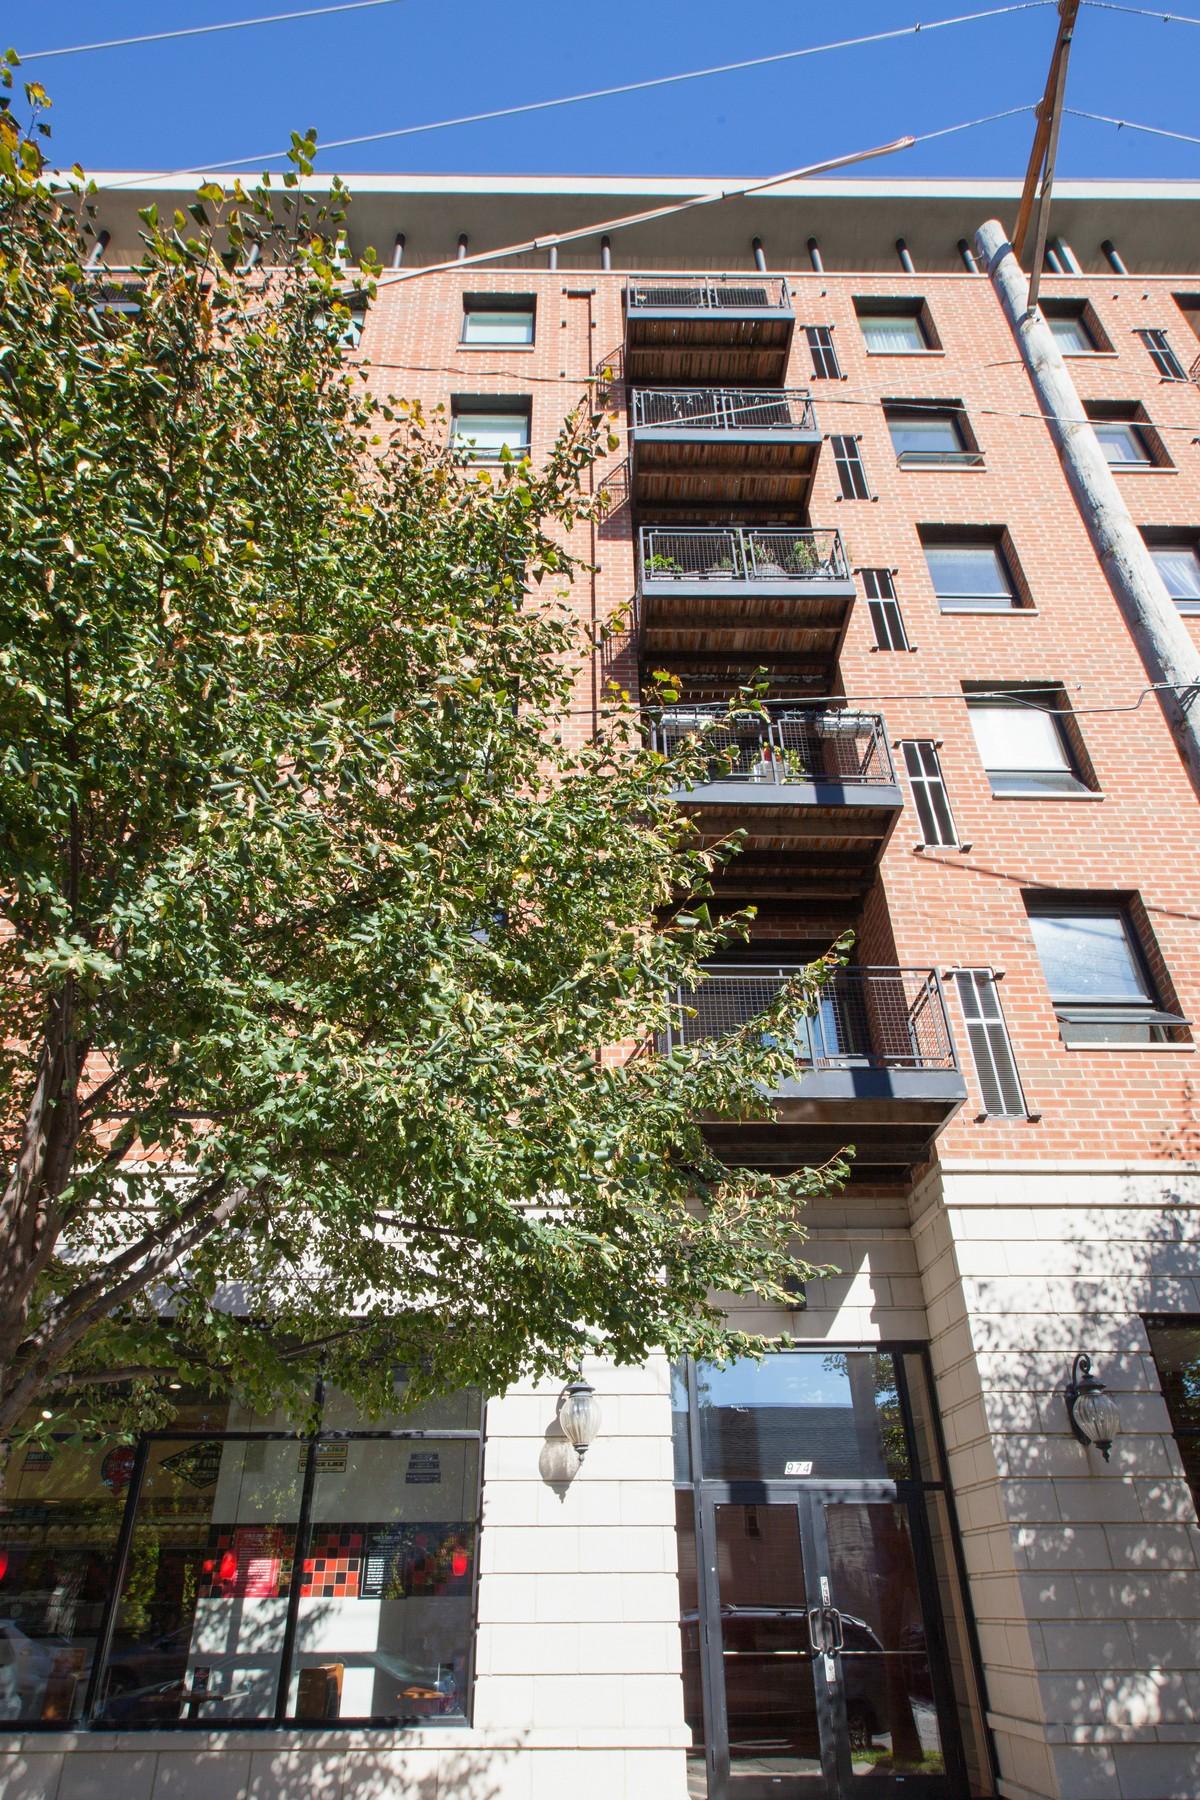 콘도미니엄 용 매매 에 Bright and Clean Unit 974 W 35th Place Unit 207 Chicago, 일리노이즈, 60609 미국